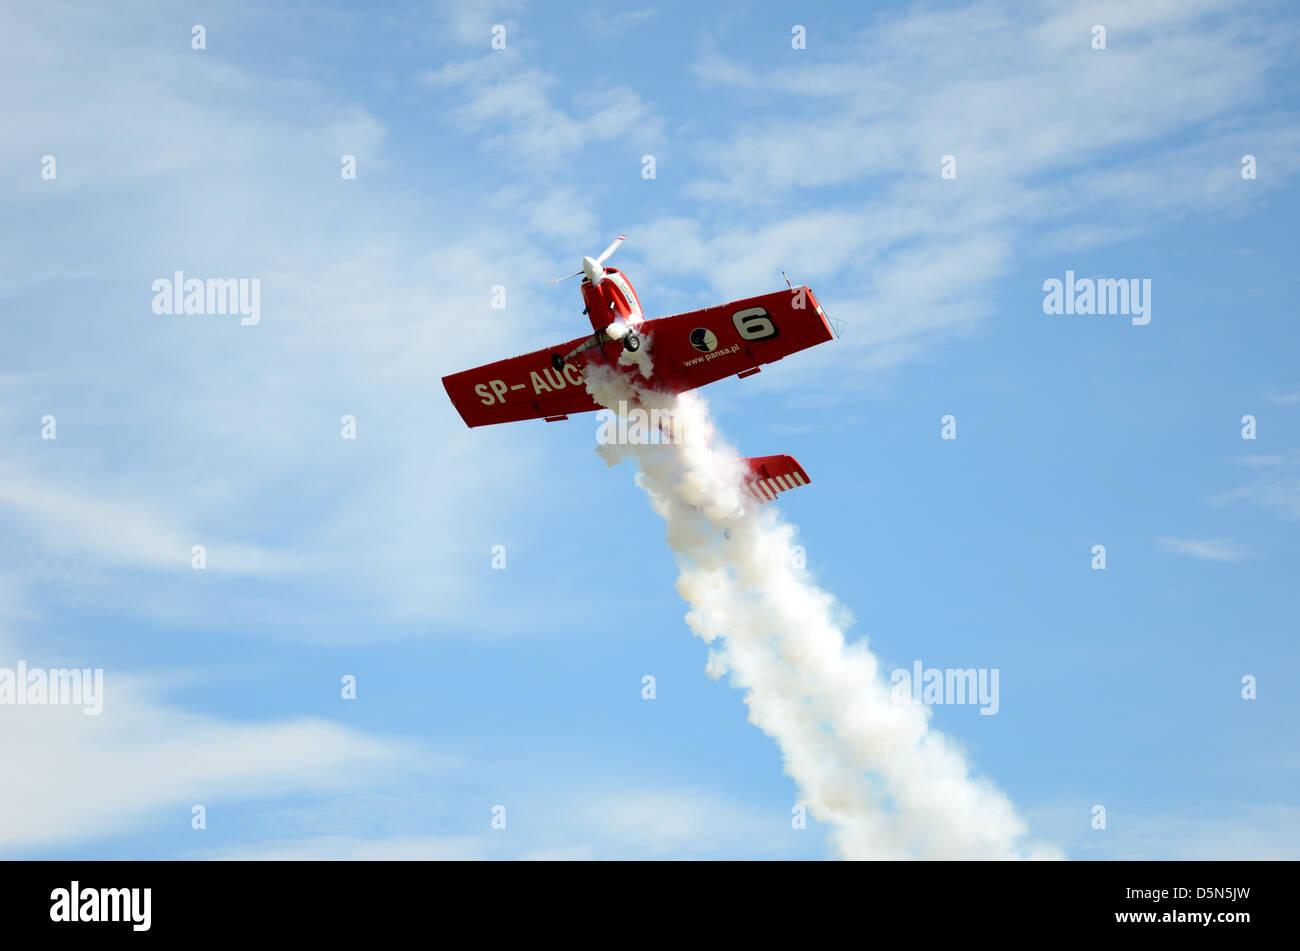 Pilot Tadeusz Kolaszewski performs acrobatic show in plane Zlin-50 LS on August 25, 2012 in Szymanow airport in - Stock Image